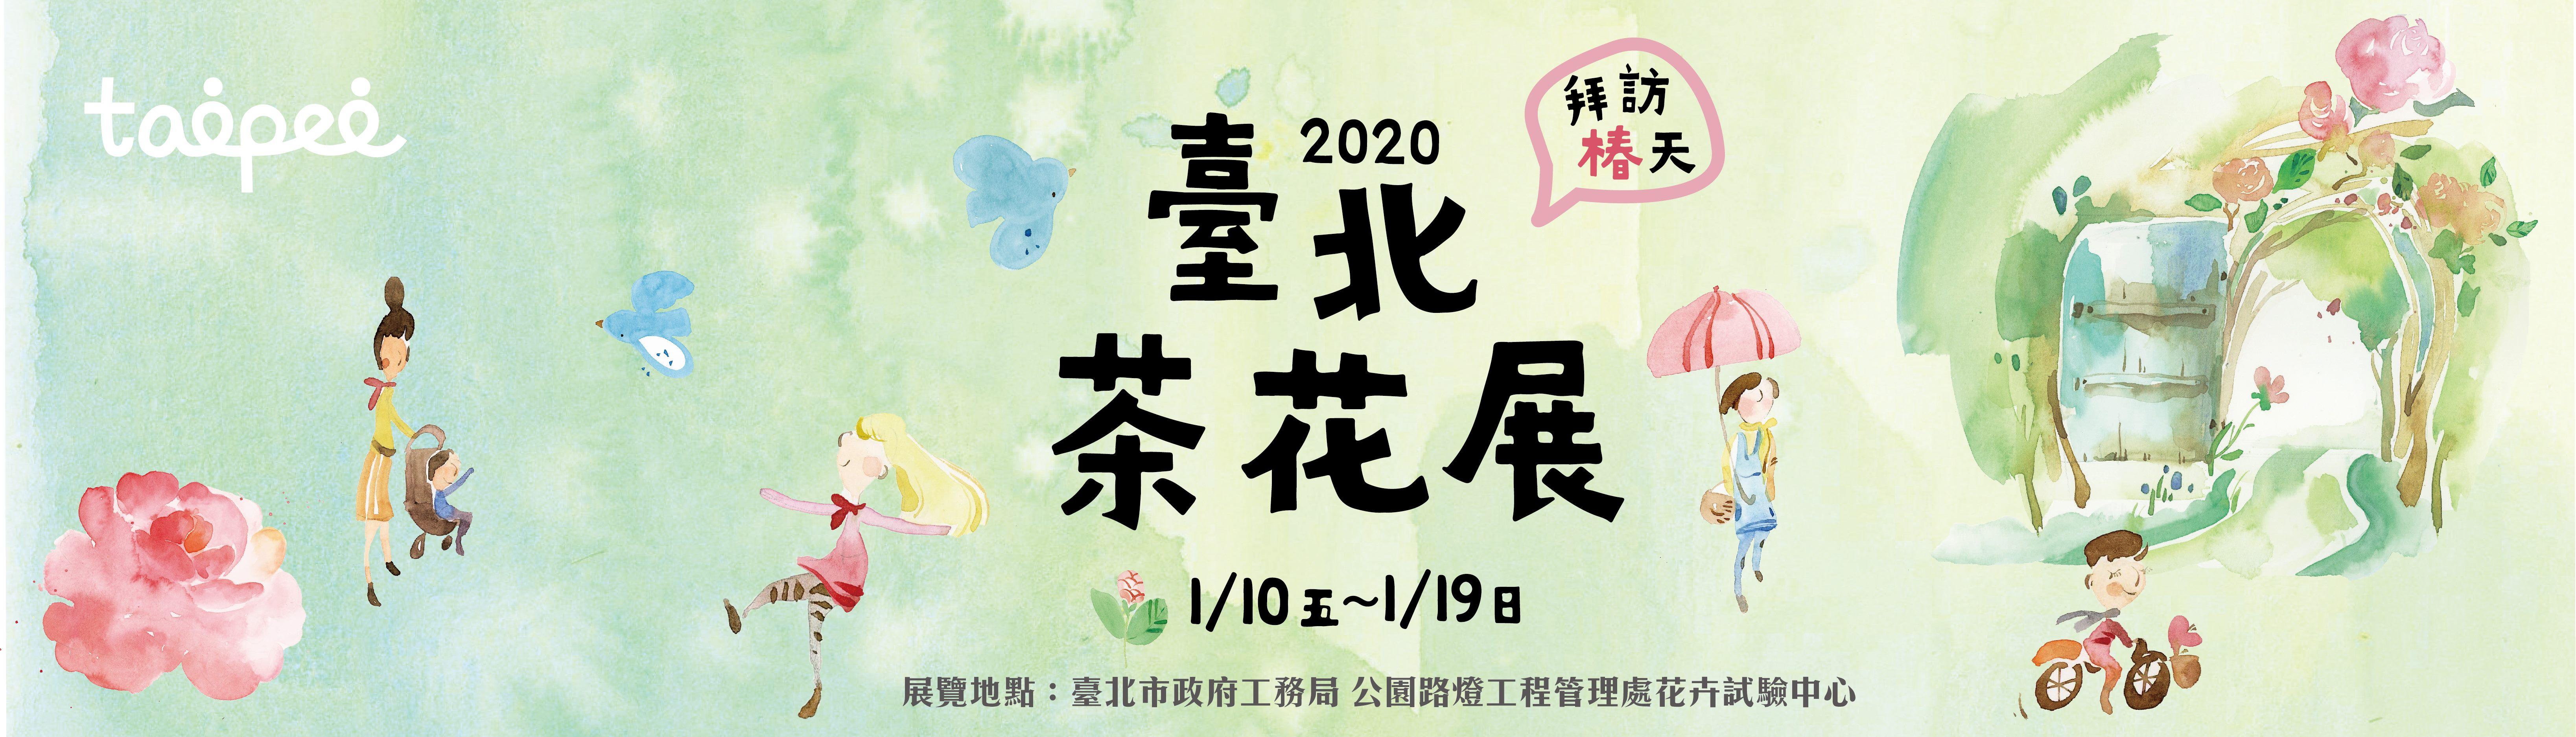 2020臺北茶花展